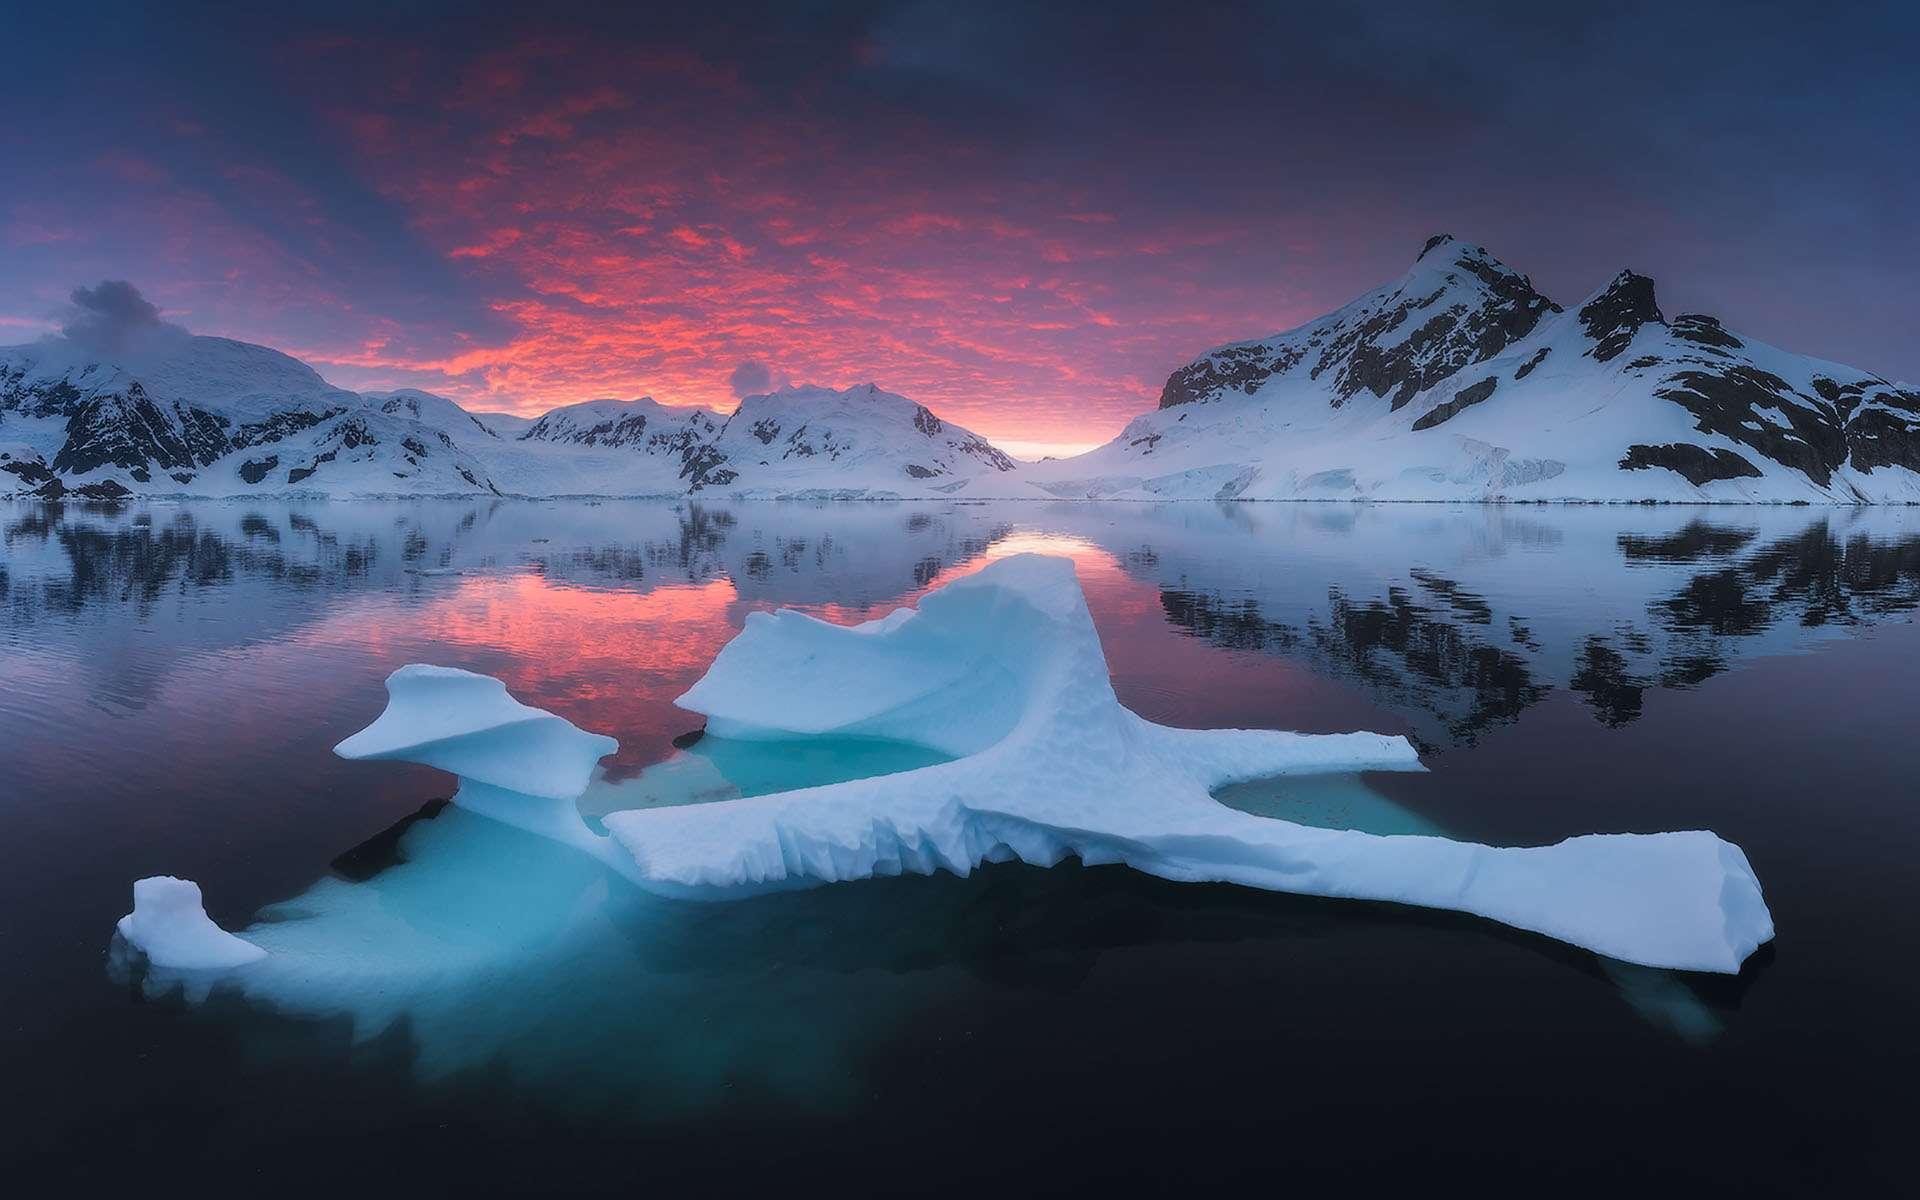 L'Antarctique, le « continent blanc », est une région magique pour le photographe qui aime jouer avec les couleurs et la lumière. Des montagnes de glace, d'énormes icebergs, une nature presque intacte. L'ensemble s'offrant sous une perspective chaque jour, chaque heure, différente. Et la possibilité aussi de saisir dans toute sa beauté, la richesse de la faune locale, des fameux manchots empereurs aux baleines bleues ou aux otaries à fourrure en passant par les léopards de mer. Un spectacle à immortaliser… avant que le réchauffement climatique ne nous en prive. © Daniel Kordan, Tous droits réservés